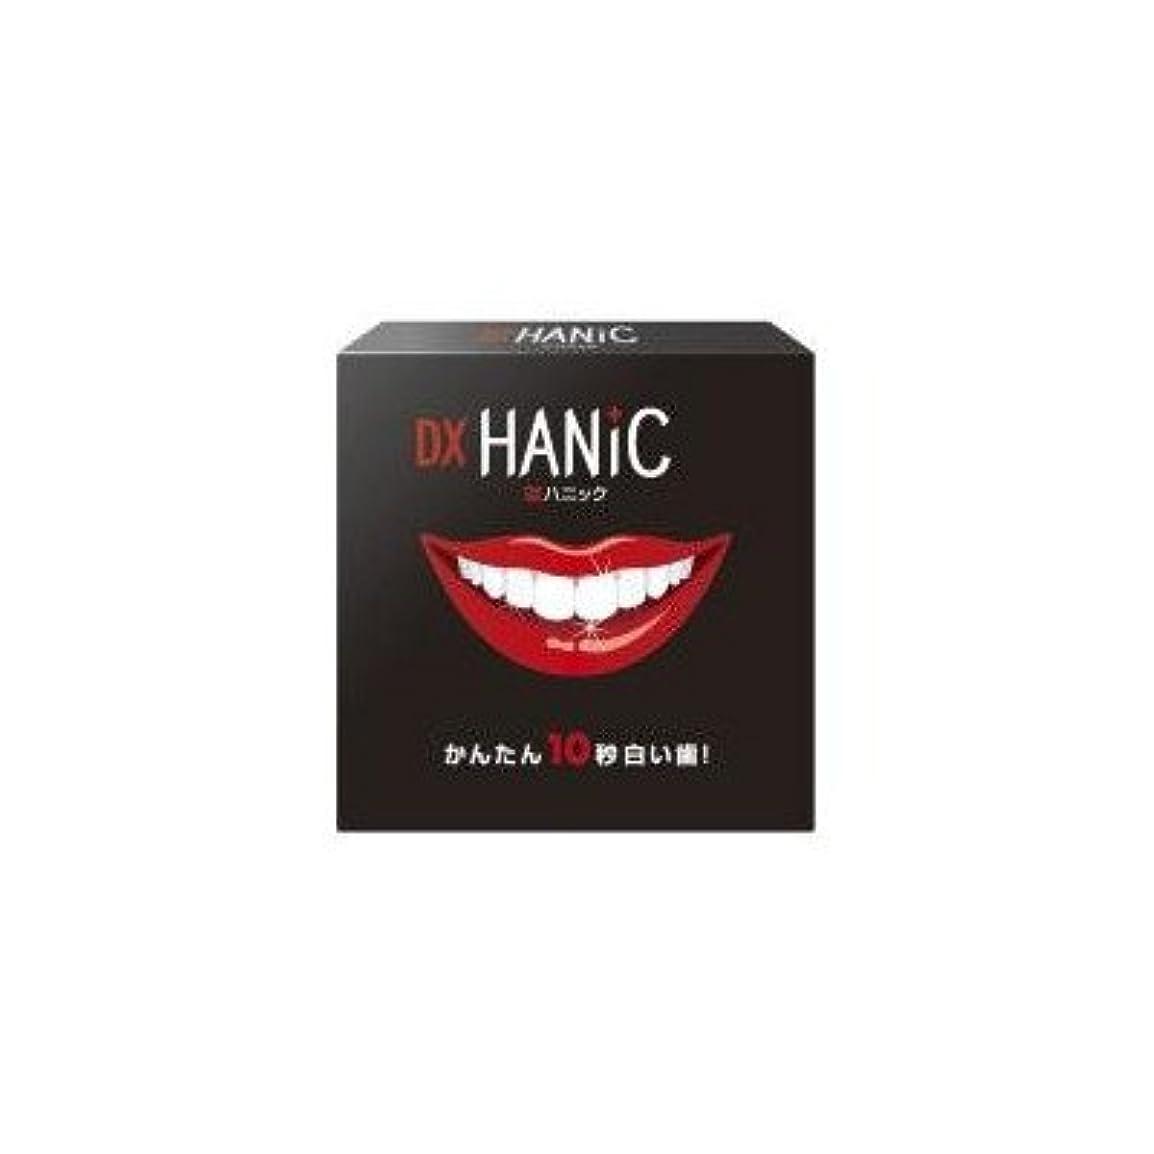 ご意見弾性水分塗るだけで真っ白に魅せる歯のマニキュア DXハニック デンタルコットン付き 歯のマニュキア?ペンタイプ